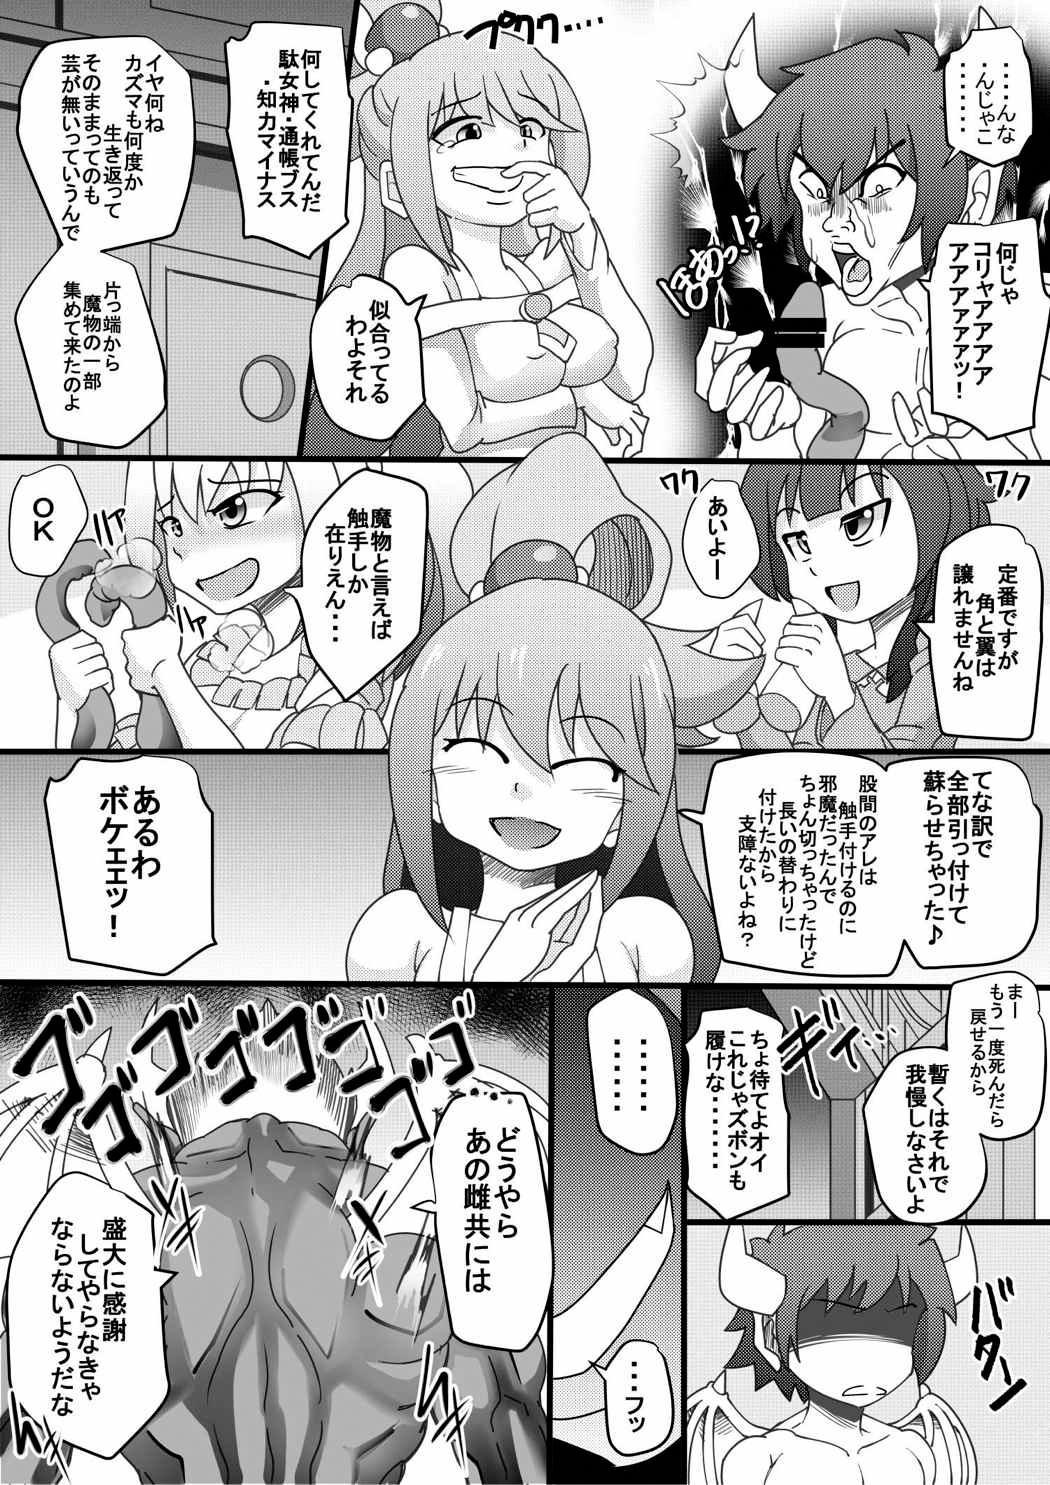 Kono Nikutasarashii Masudomoni Oshioki o! 4